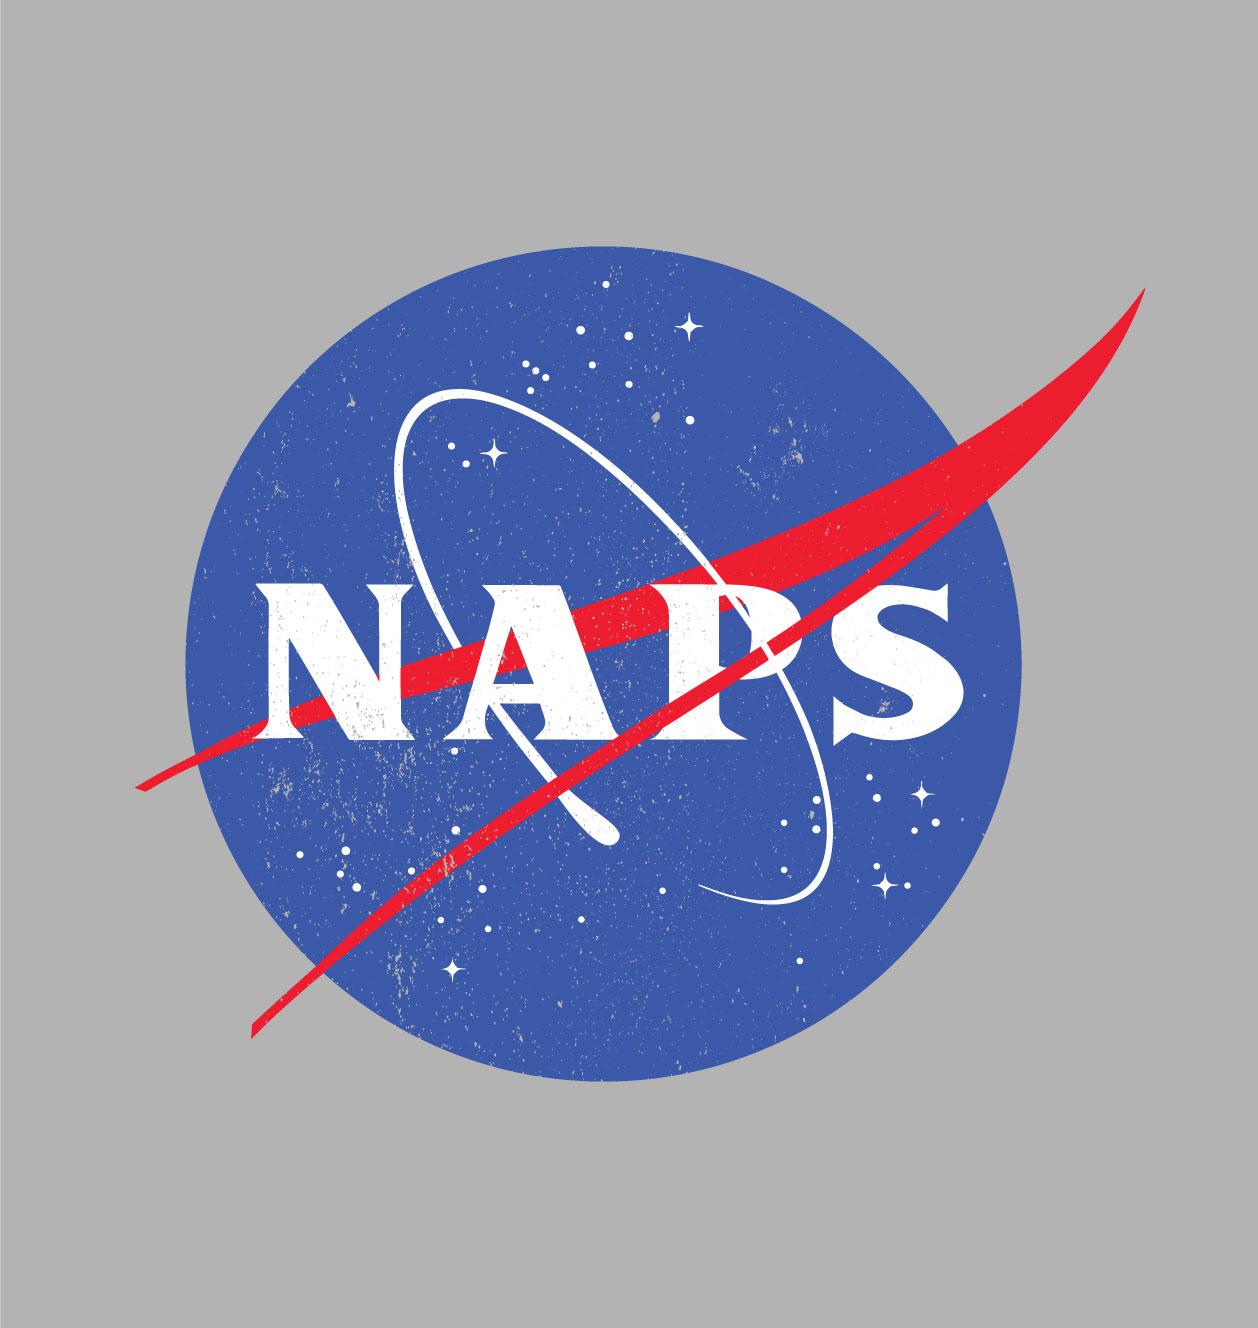 nasa-naps.jpg